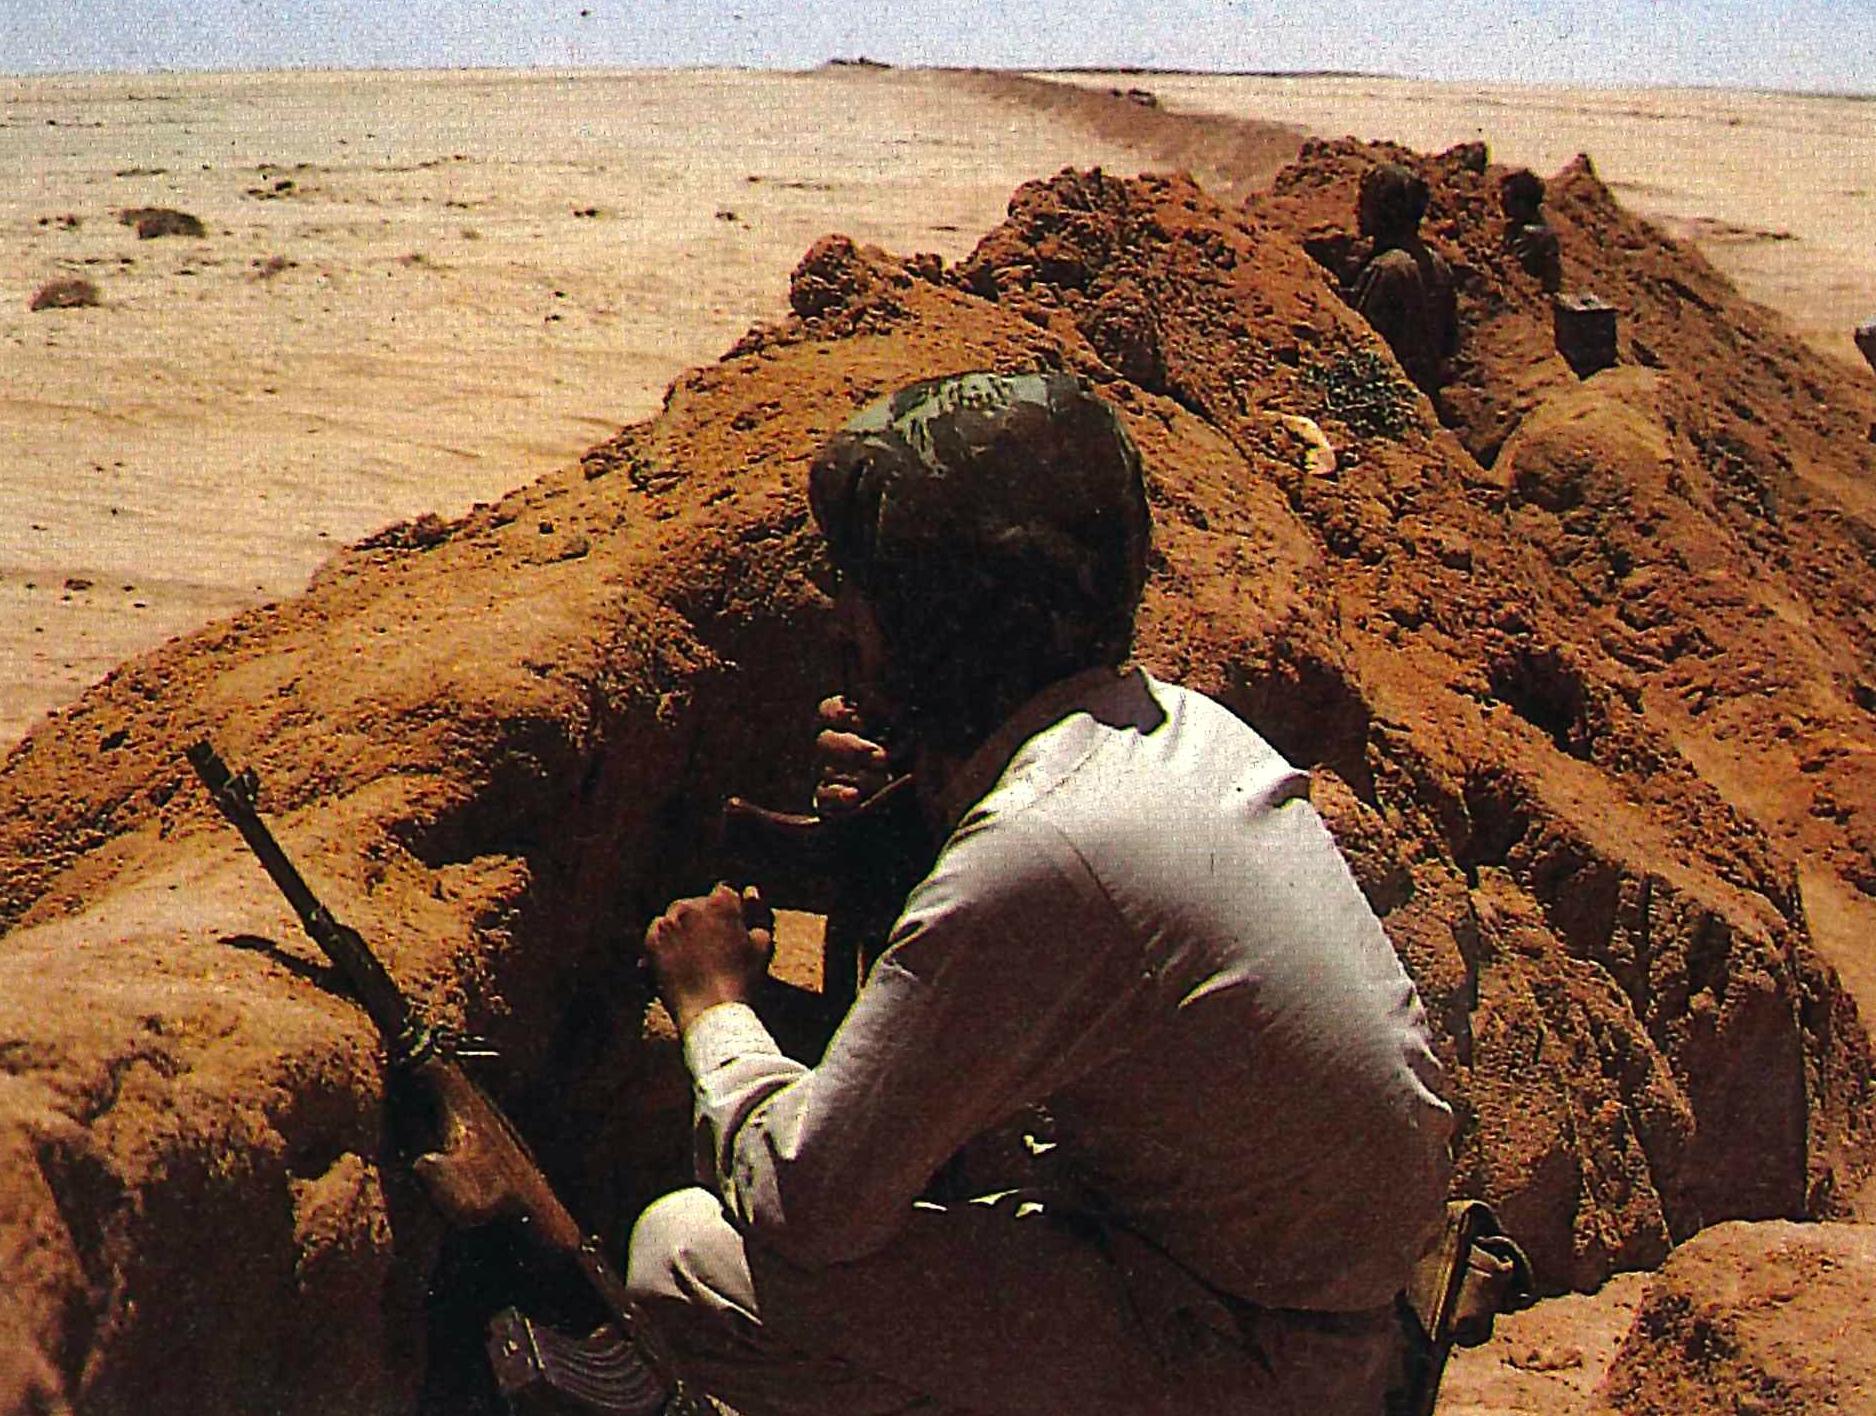 Le conflit armé du sahara marocain - Page 11 43446972864_1020a17367_o